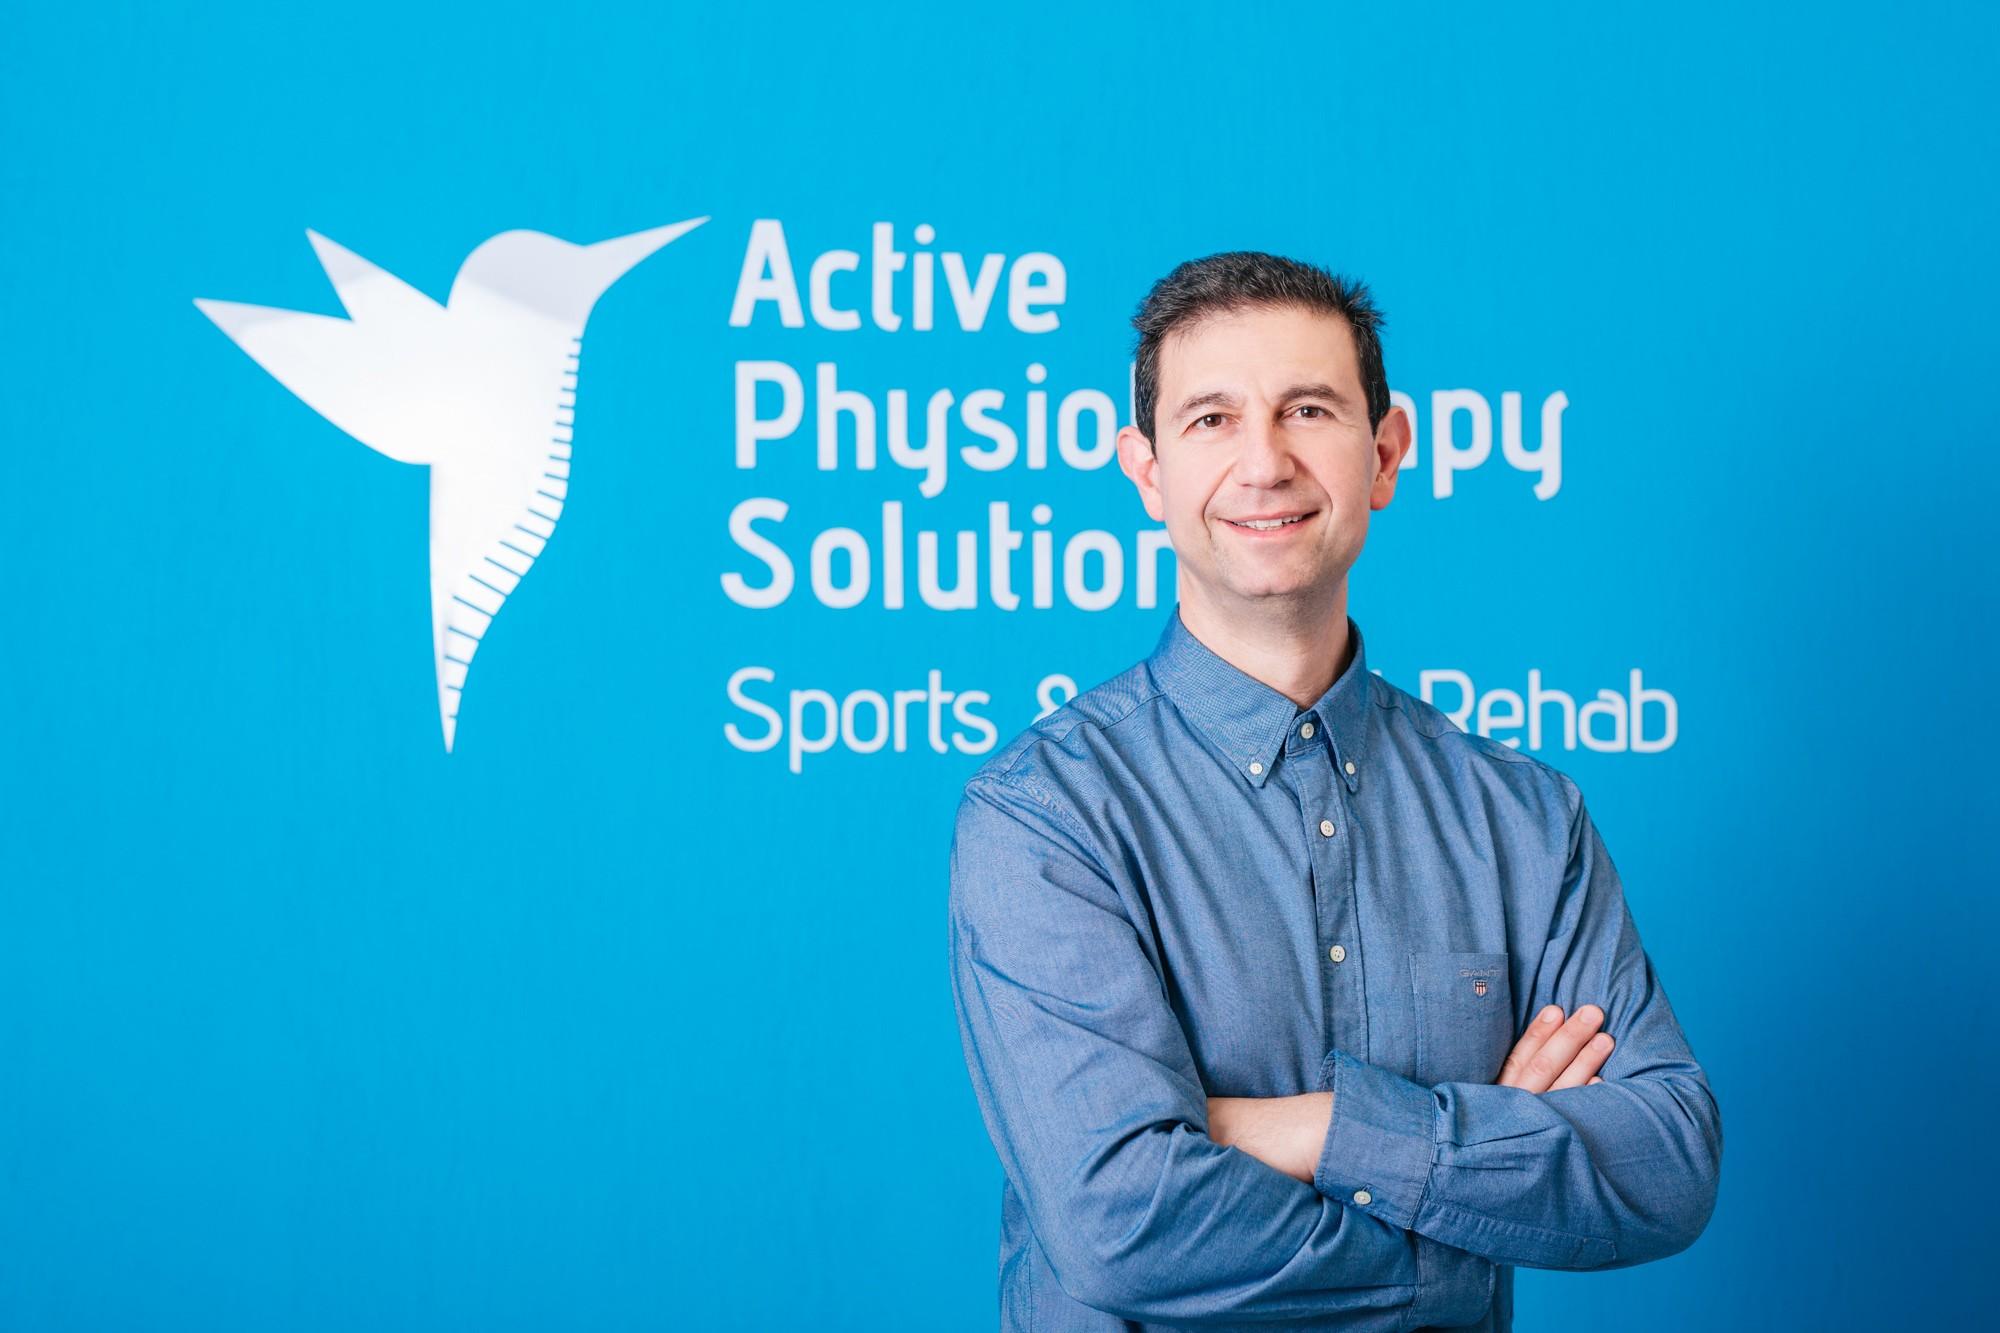 Διαφημιστική φωτογράφιση χώρου | Active Physiotherapy Solutions